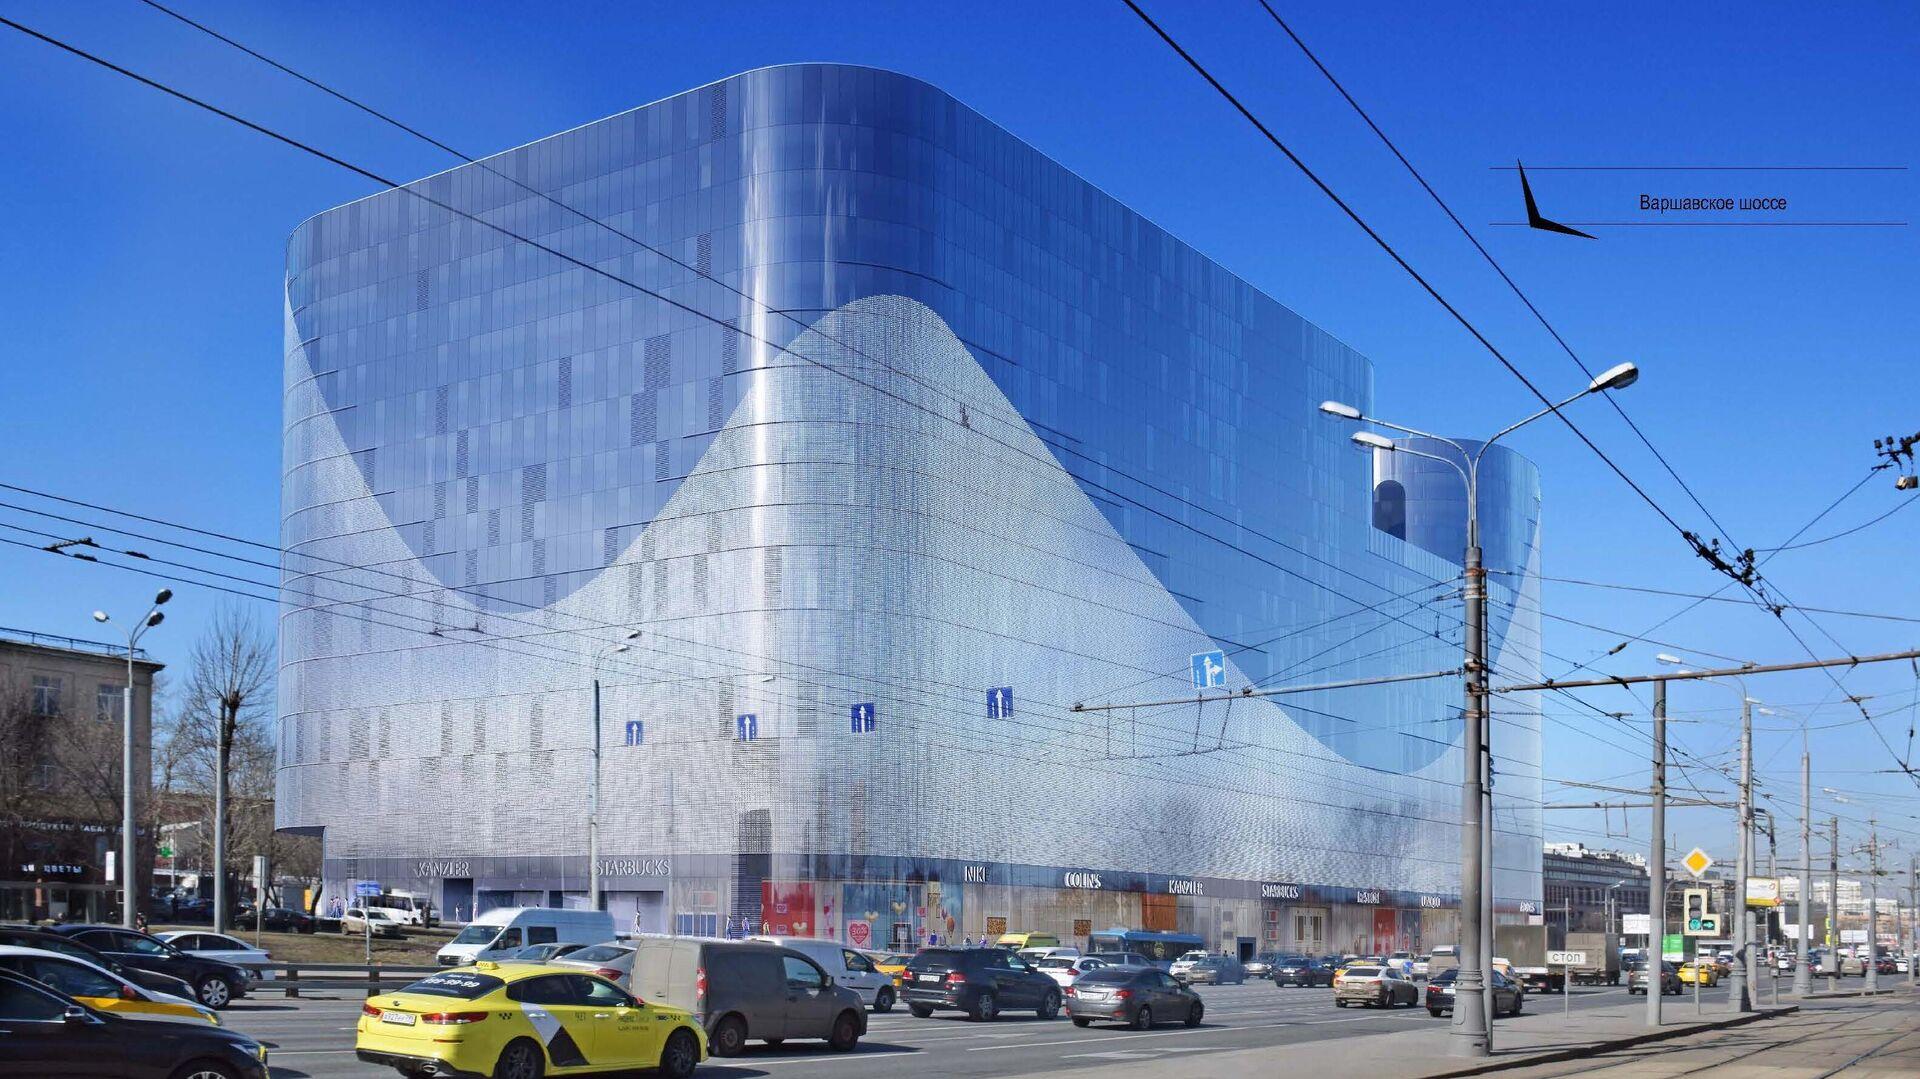 Проект офисно-торгового центра в рамках ТПУ Нагатинская - РИА Новости, 1920, 14.09.2020